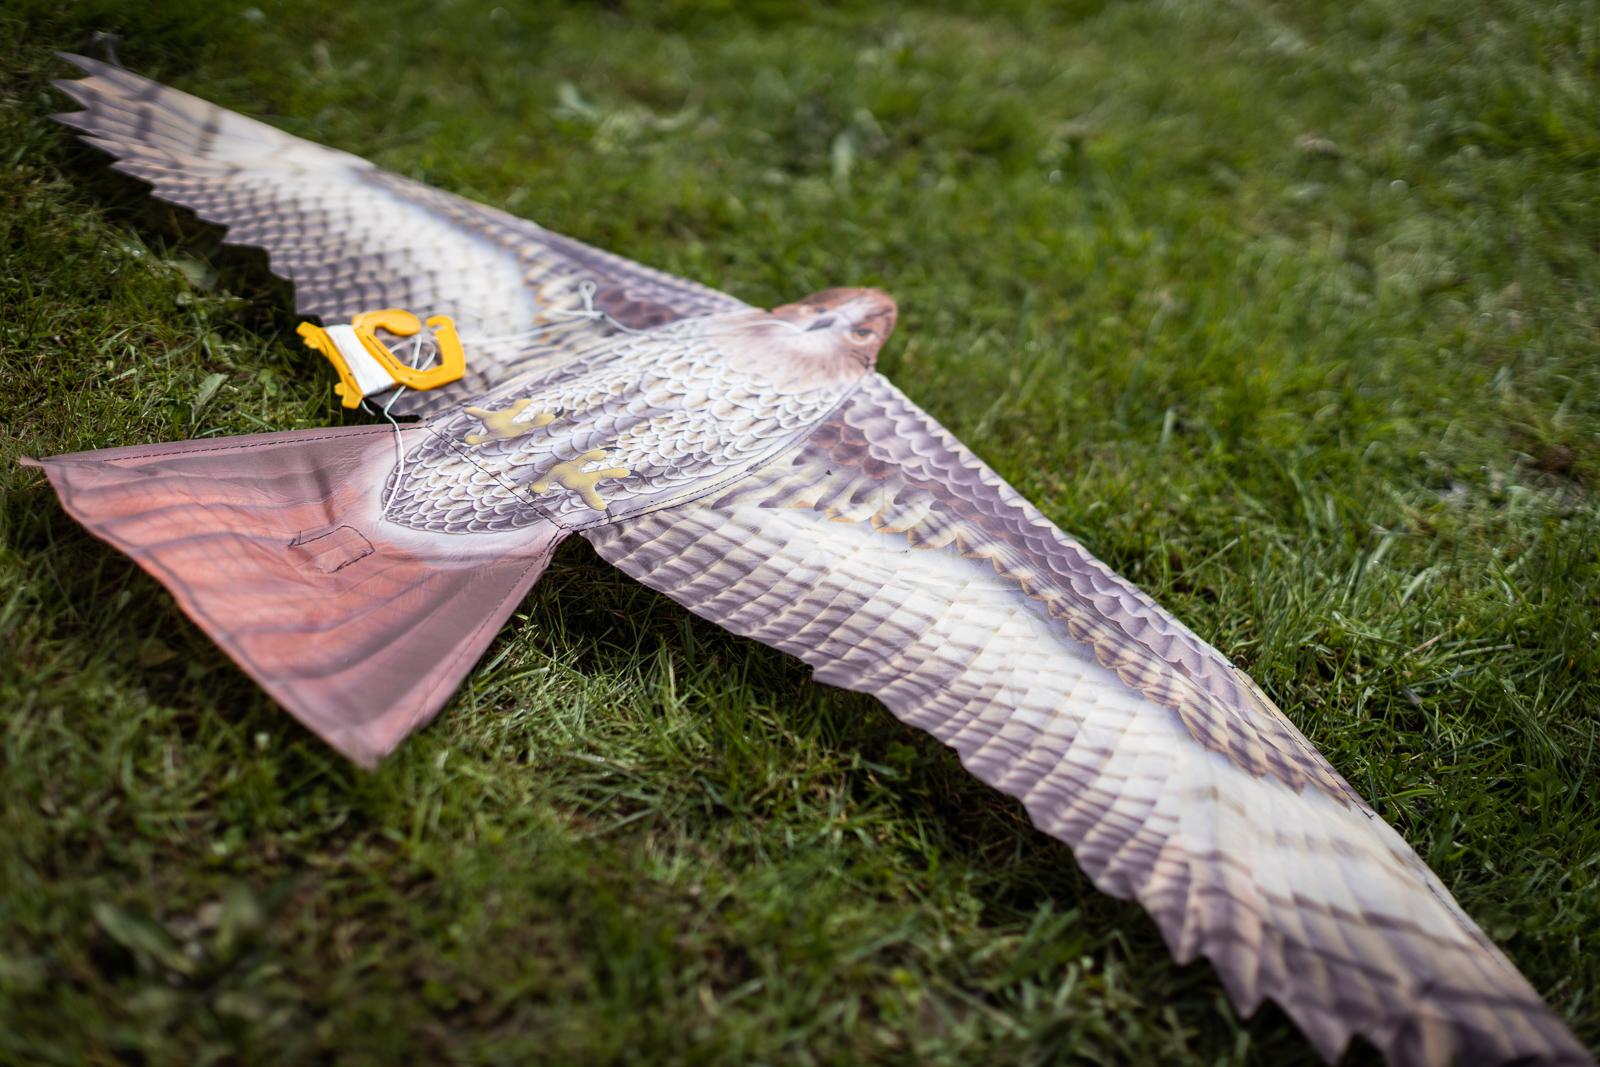 kite-festival-2019-blog-32.jpg